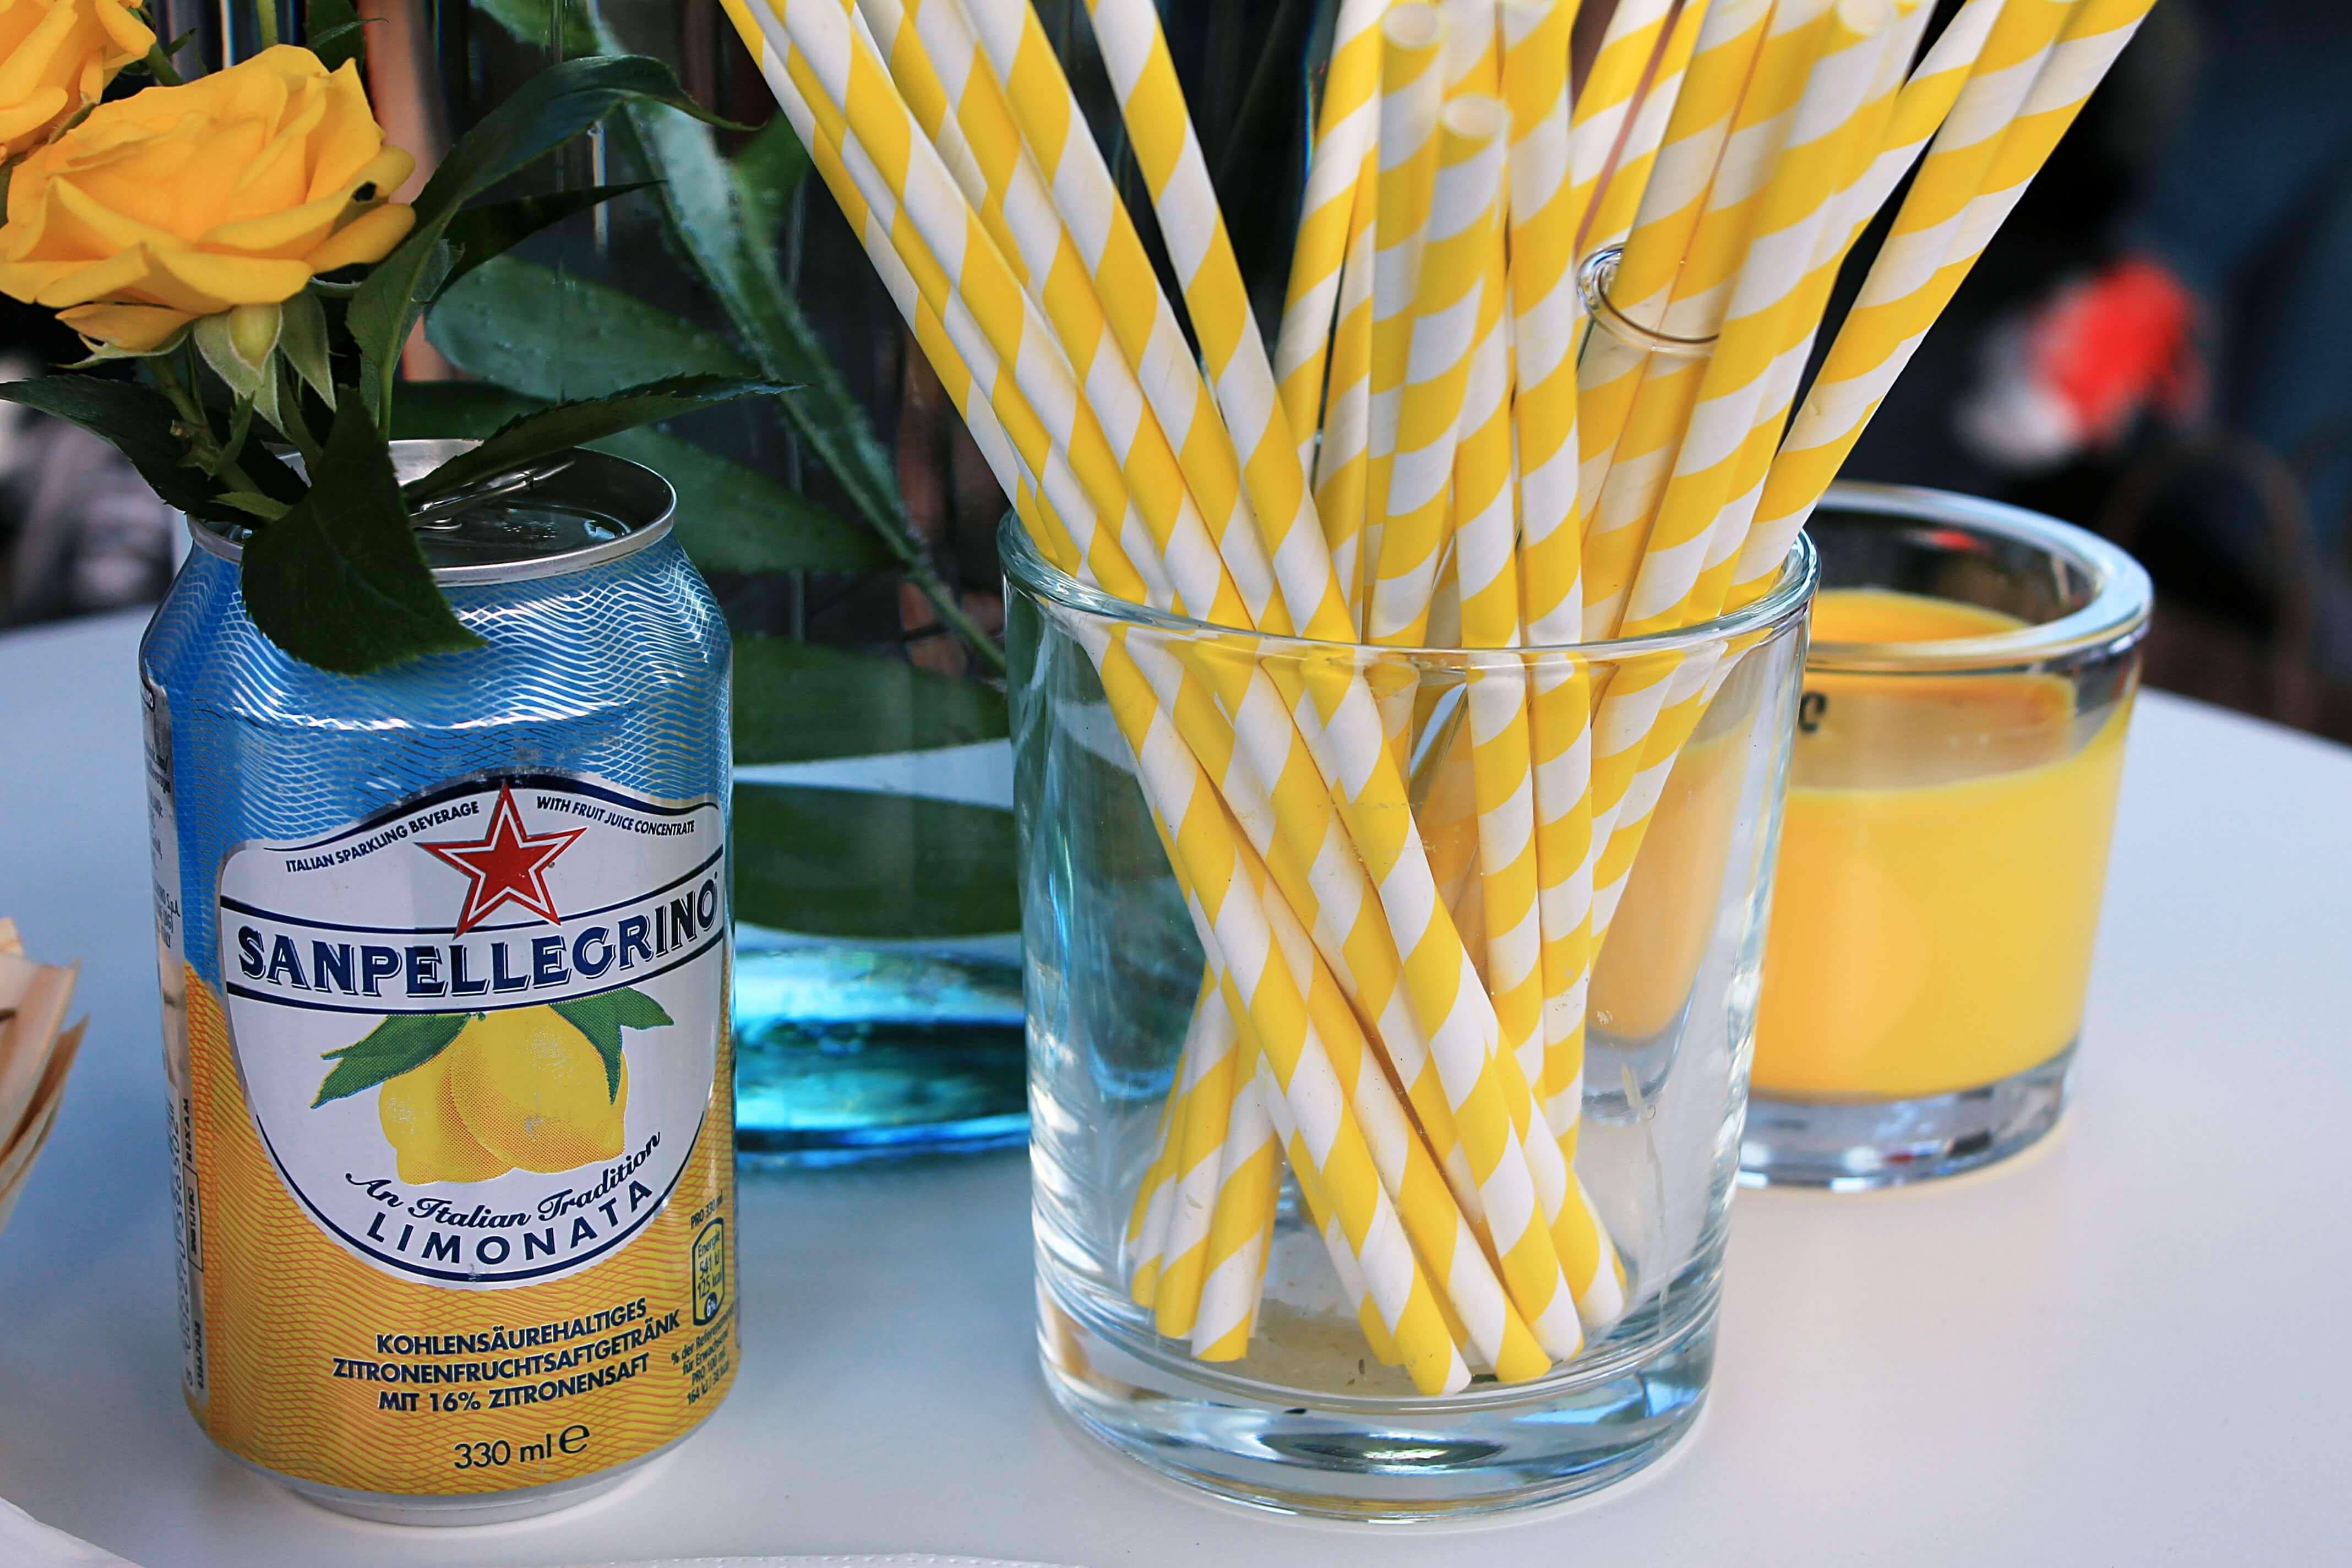 sanpellegrino-lemonade-limonade-aperitivo-deliziosa-fithealthydi